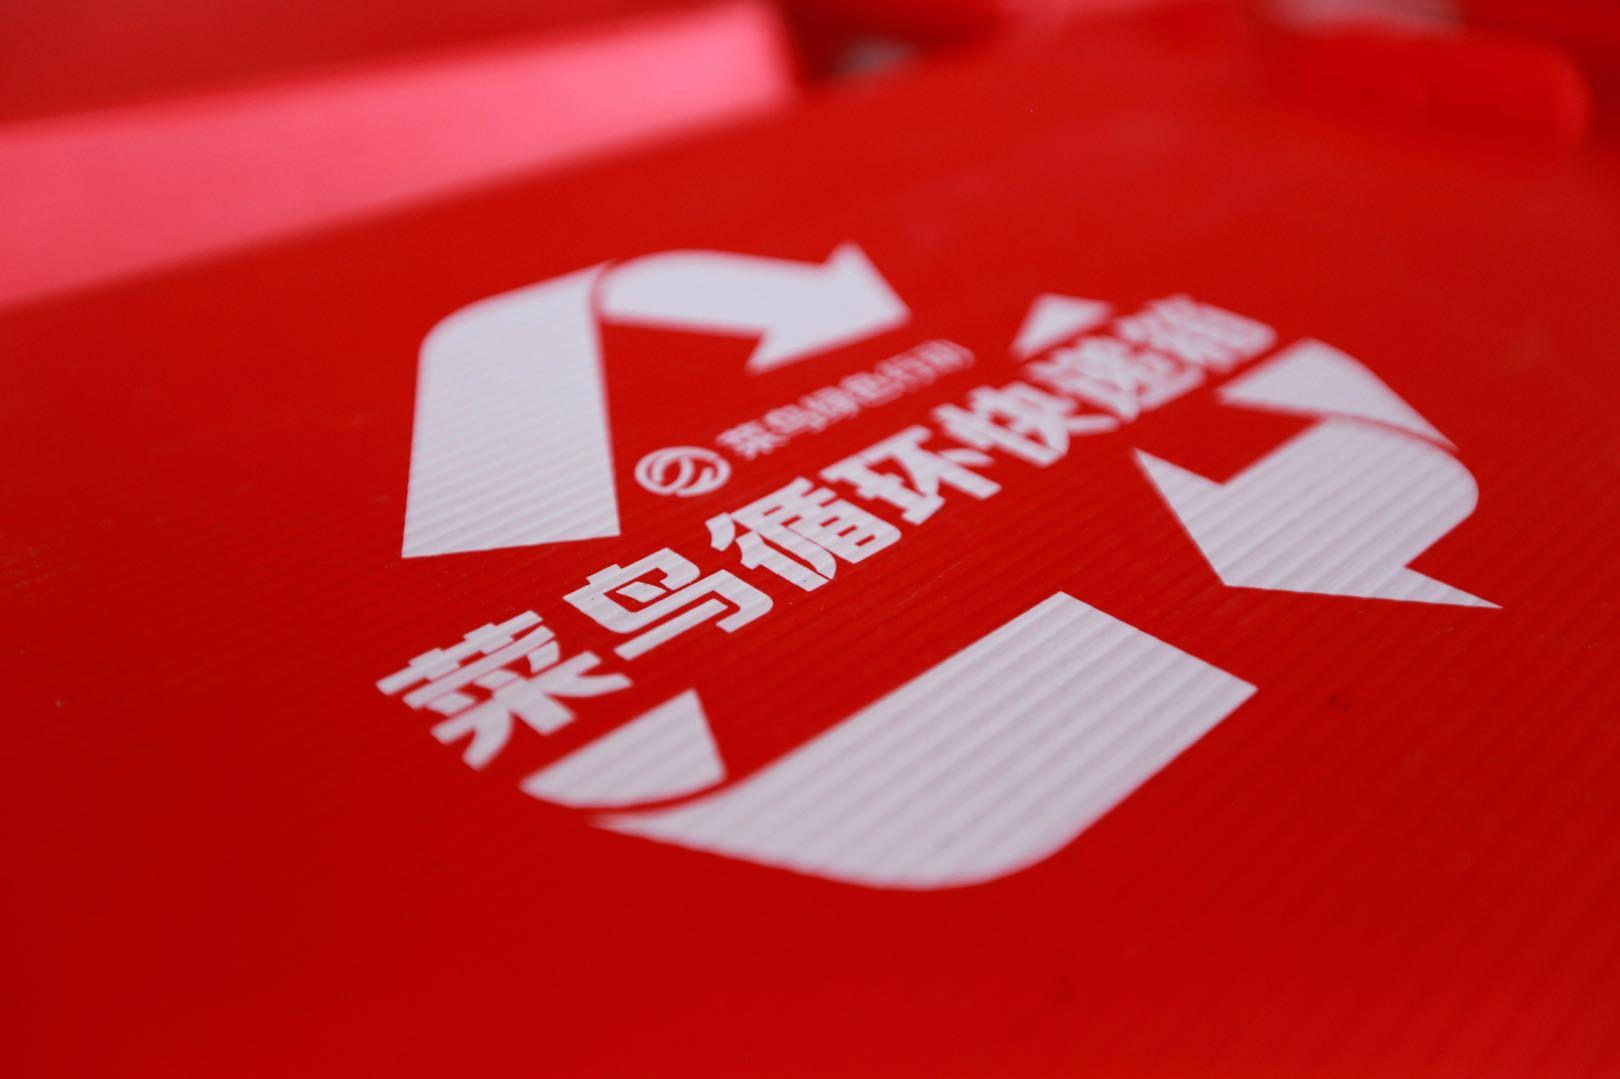 Alibaba promotes sutstainability